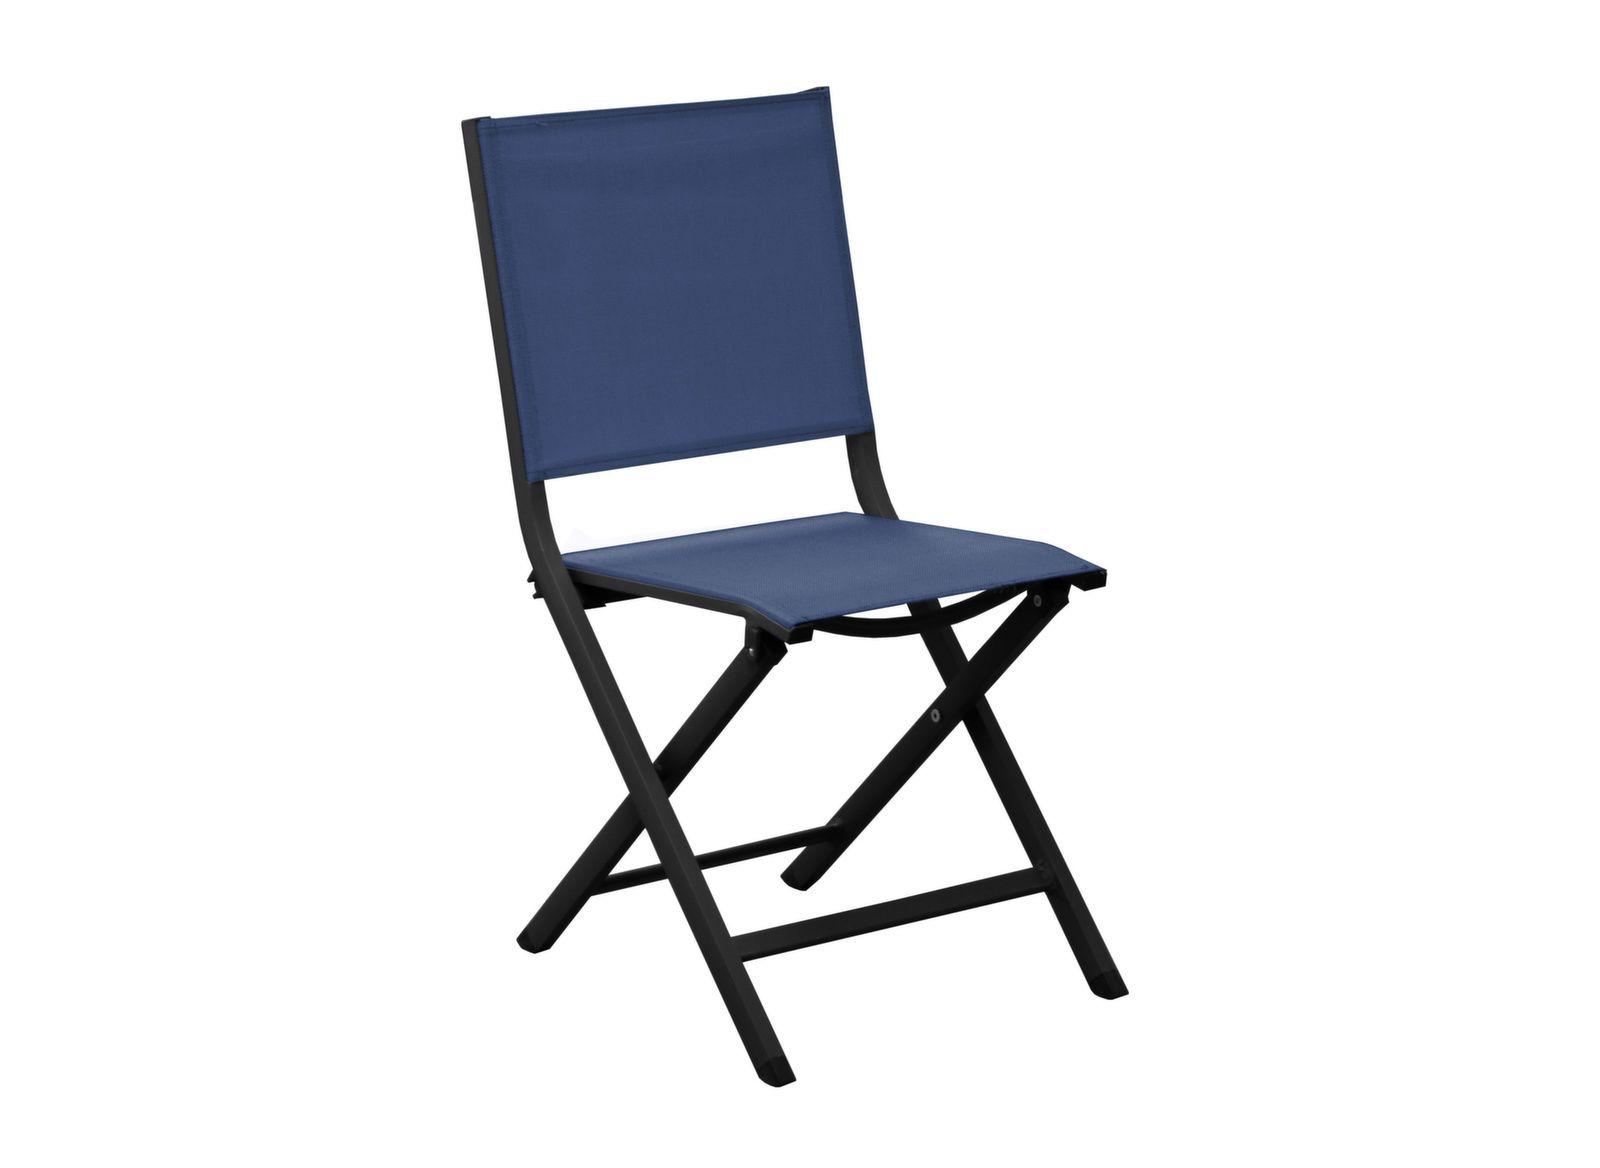 Chaise pliante Thema (finition époxy)